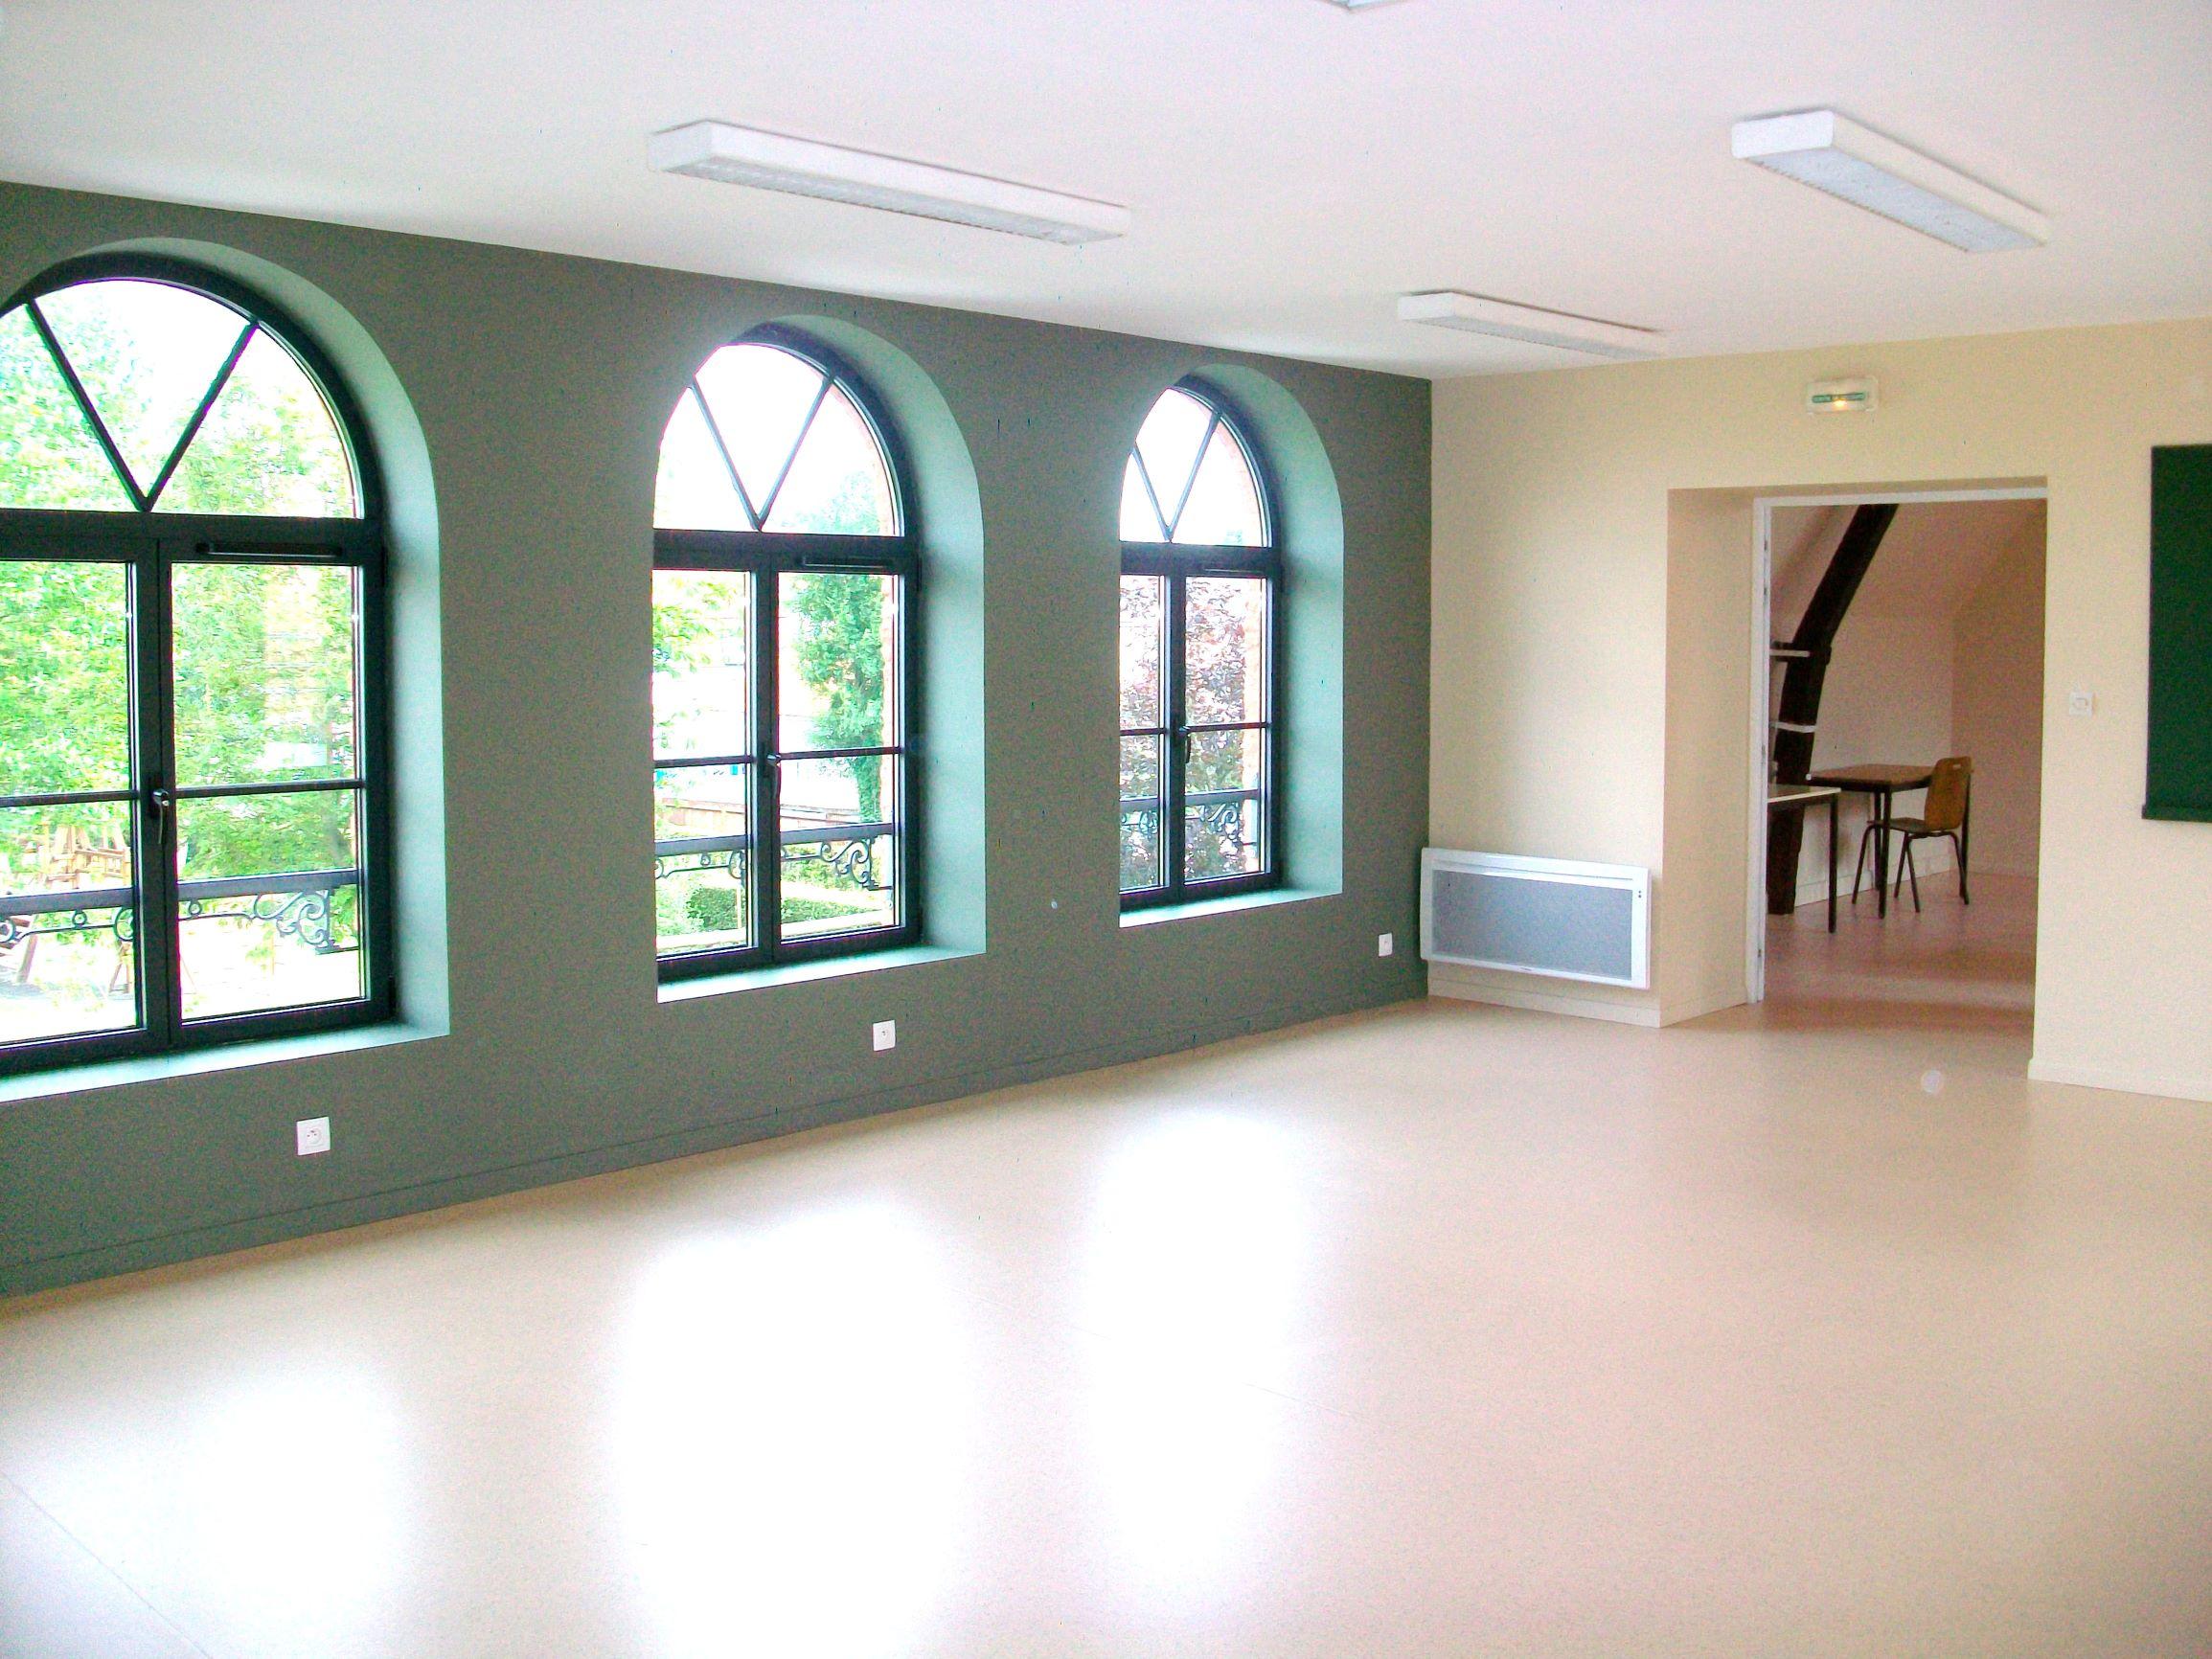 Salle_Haut_1.JPG